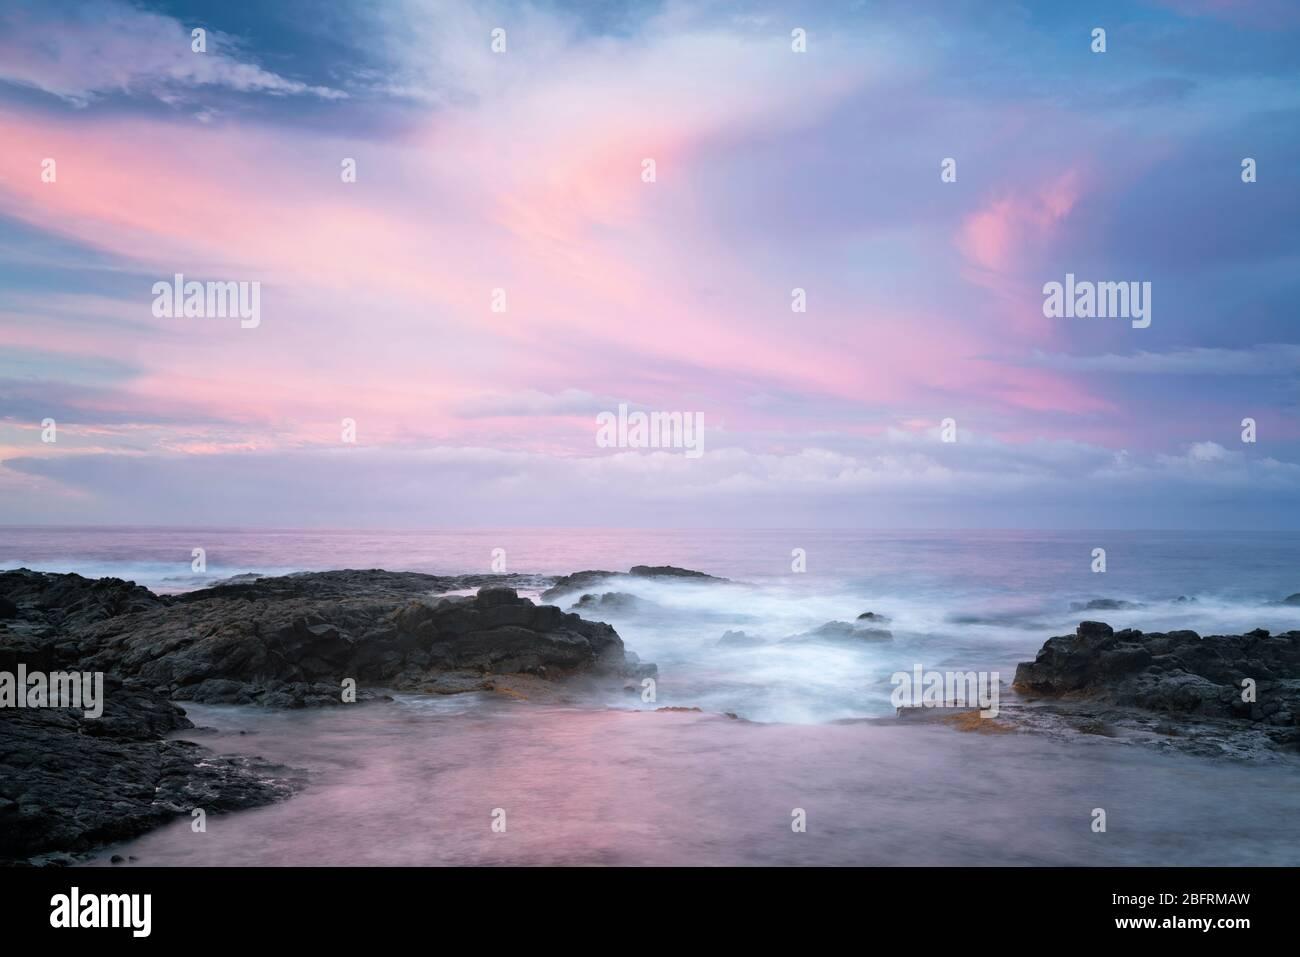 Les couleurs du lever du soleil illuminent le ciel sur le littoral de lave au parc de la plage de Kohanaiki le long de la côte de Kona sur la Grande île d'Hawaï. Banque D'Images